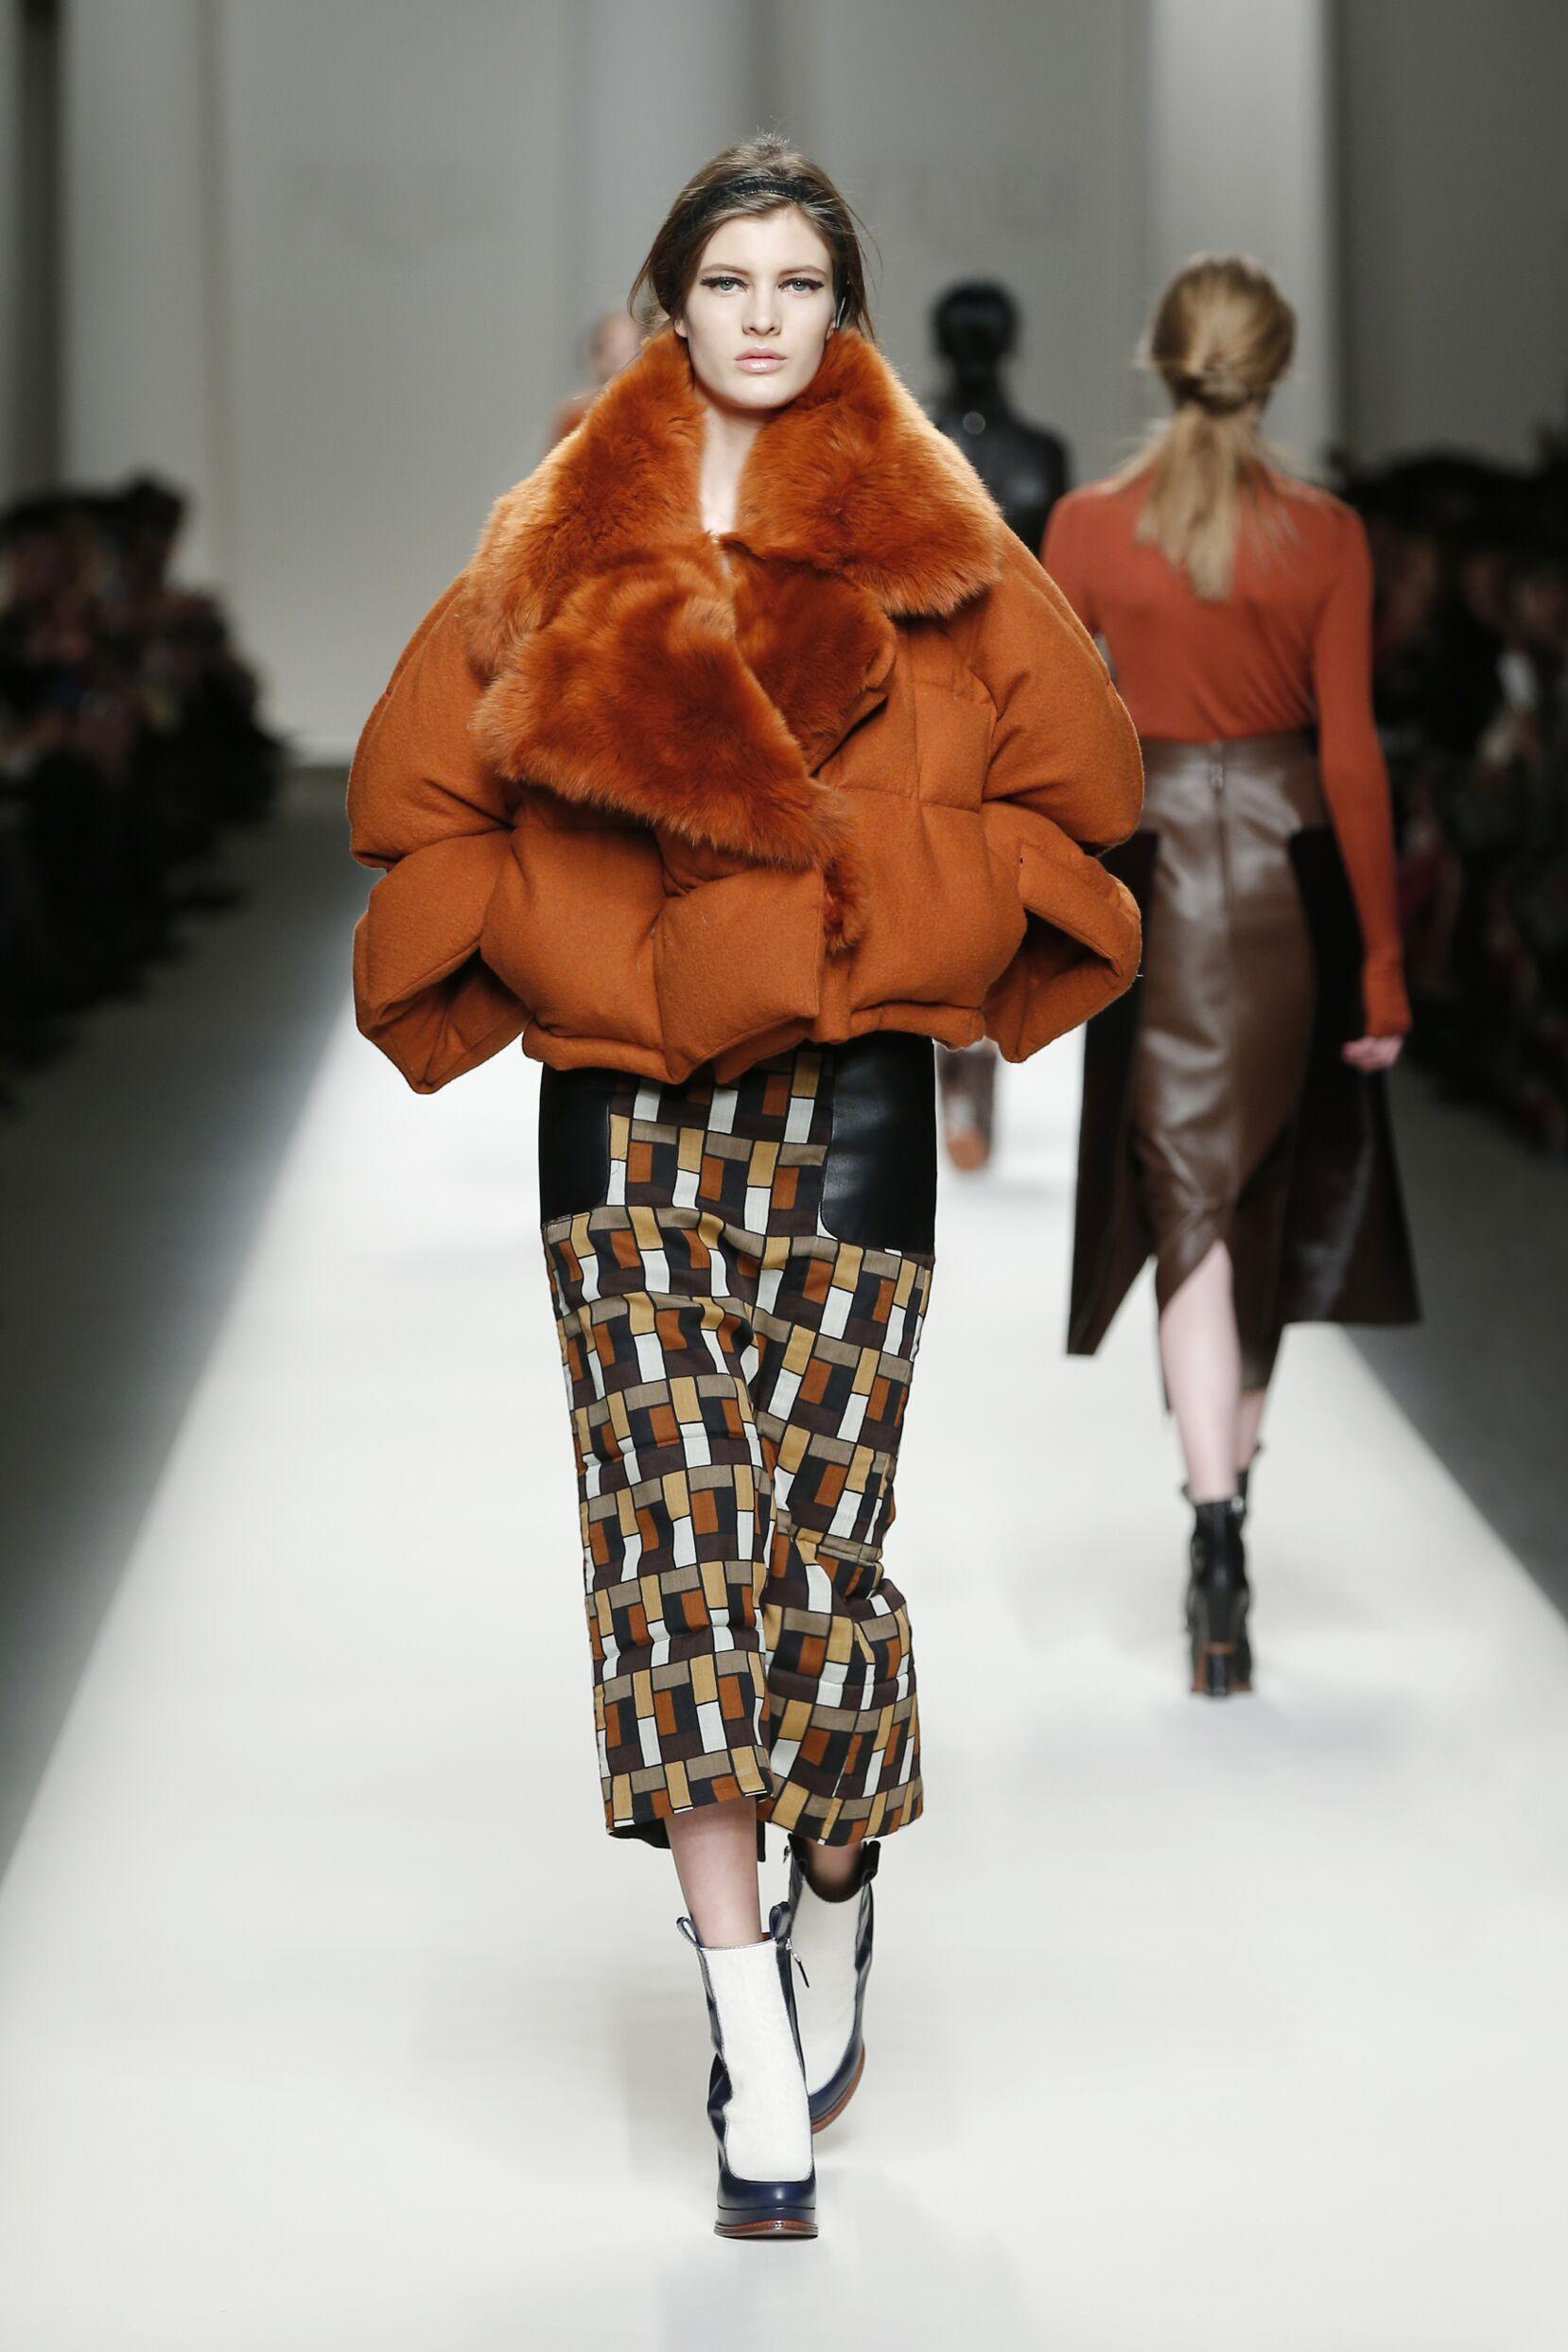 Fendi Collection Woman Milan Fashion Week